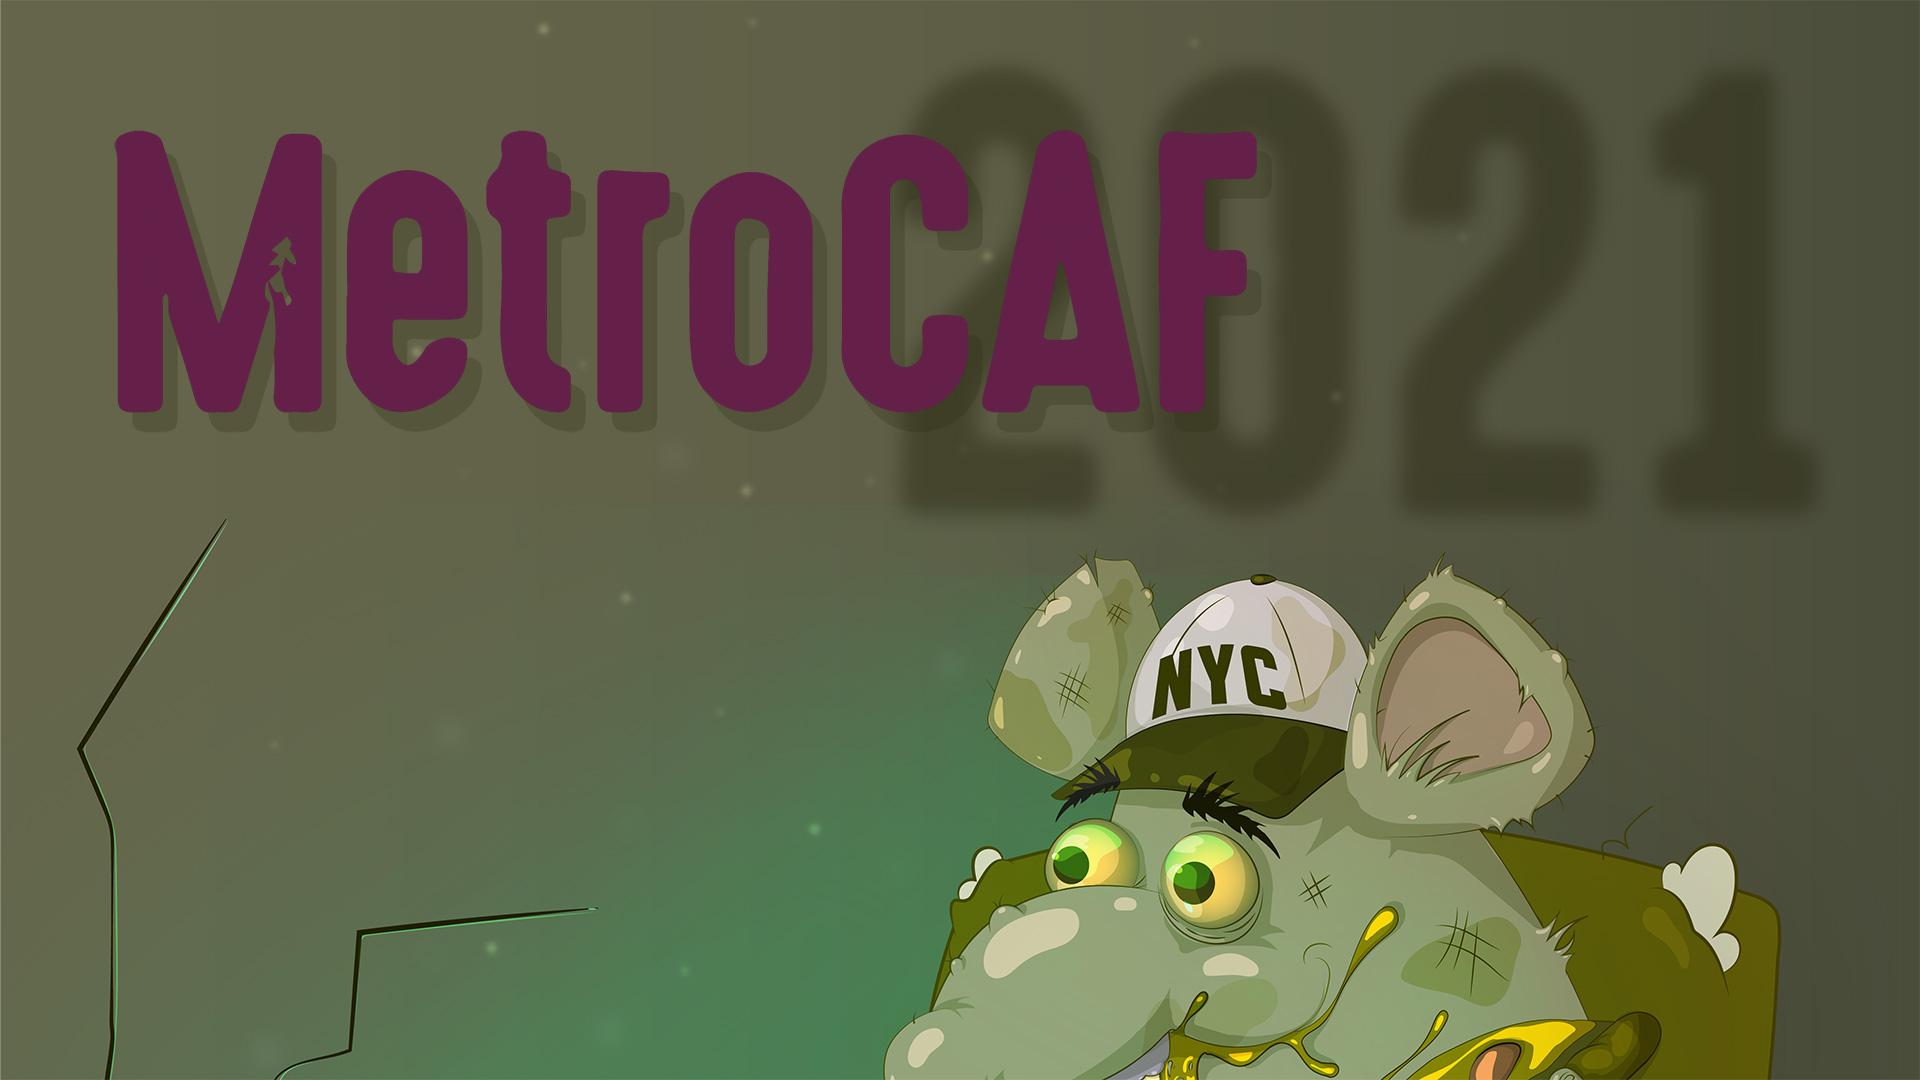 MetroCAF